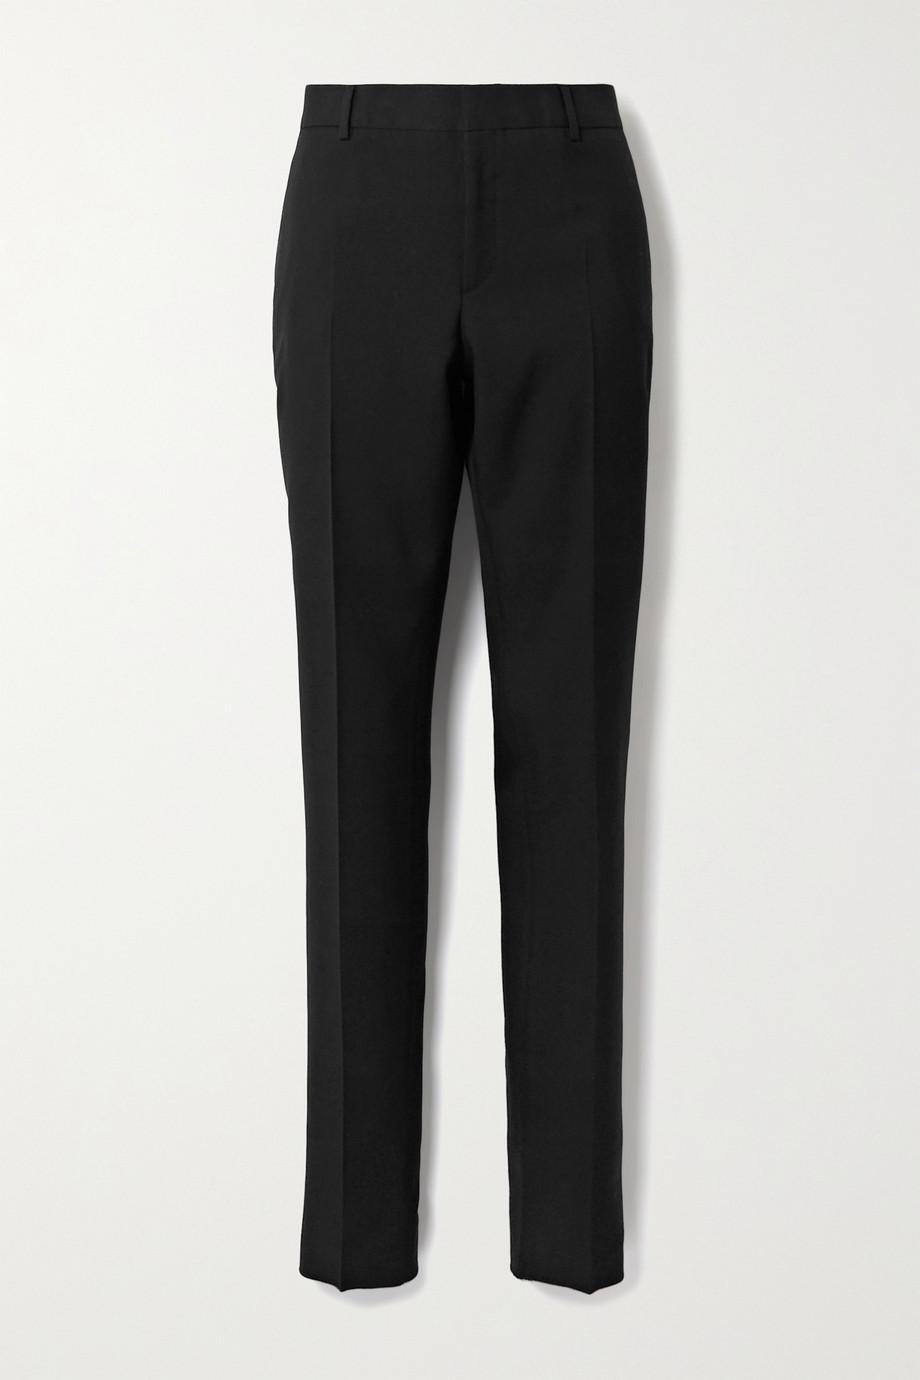 SAINT LAURENT Wool-gabardine slim-leg pants